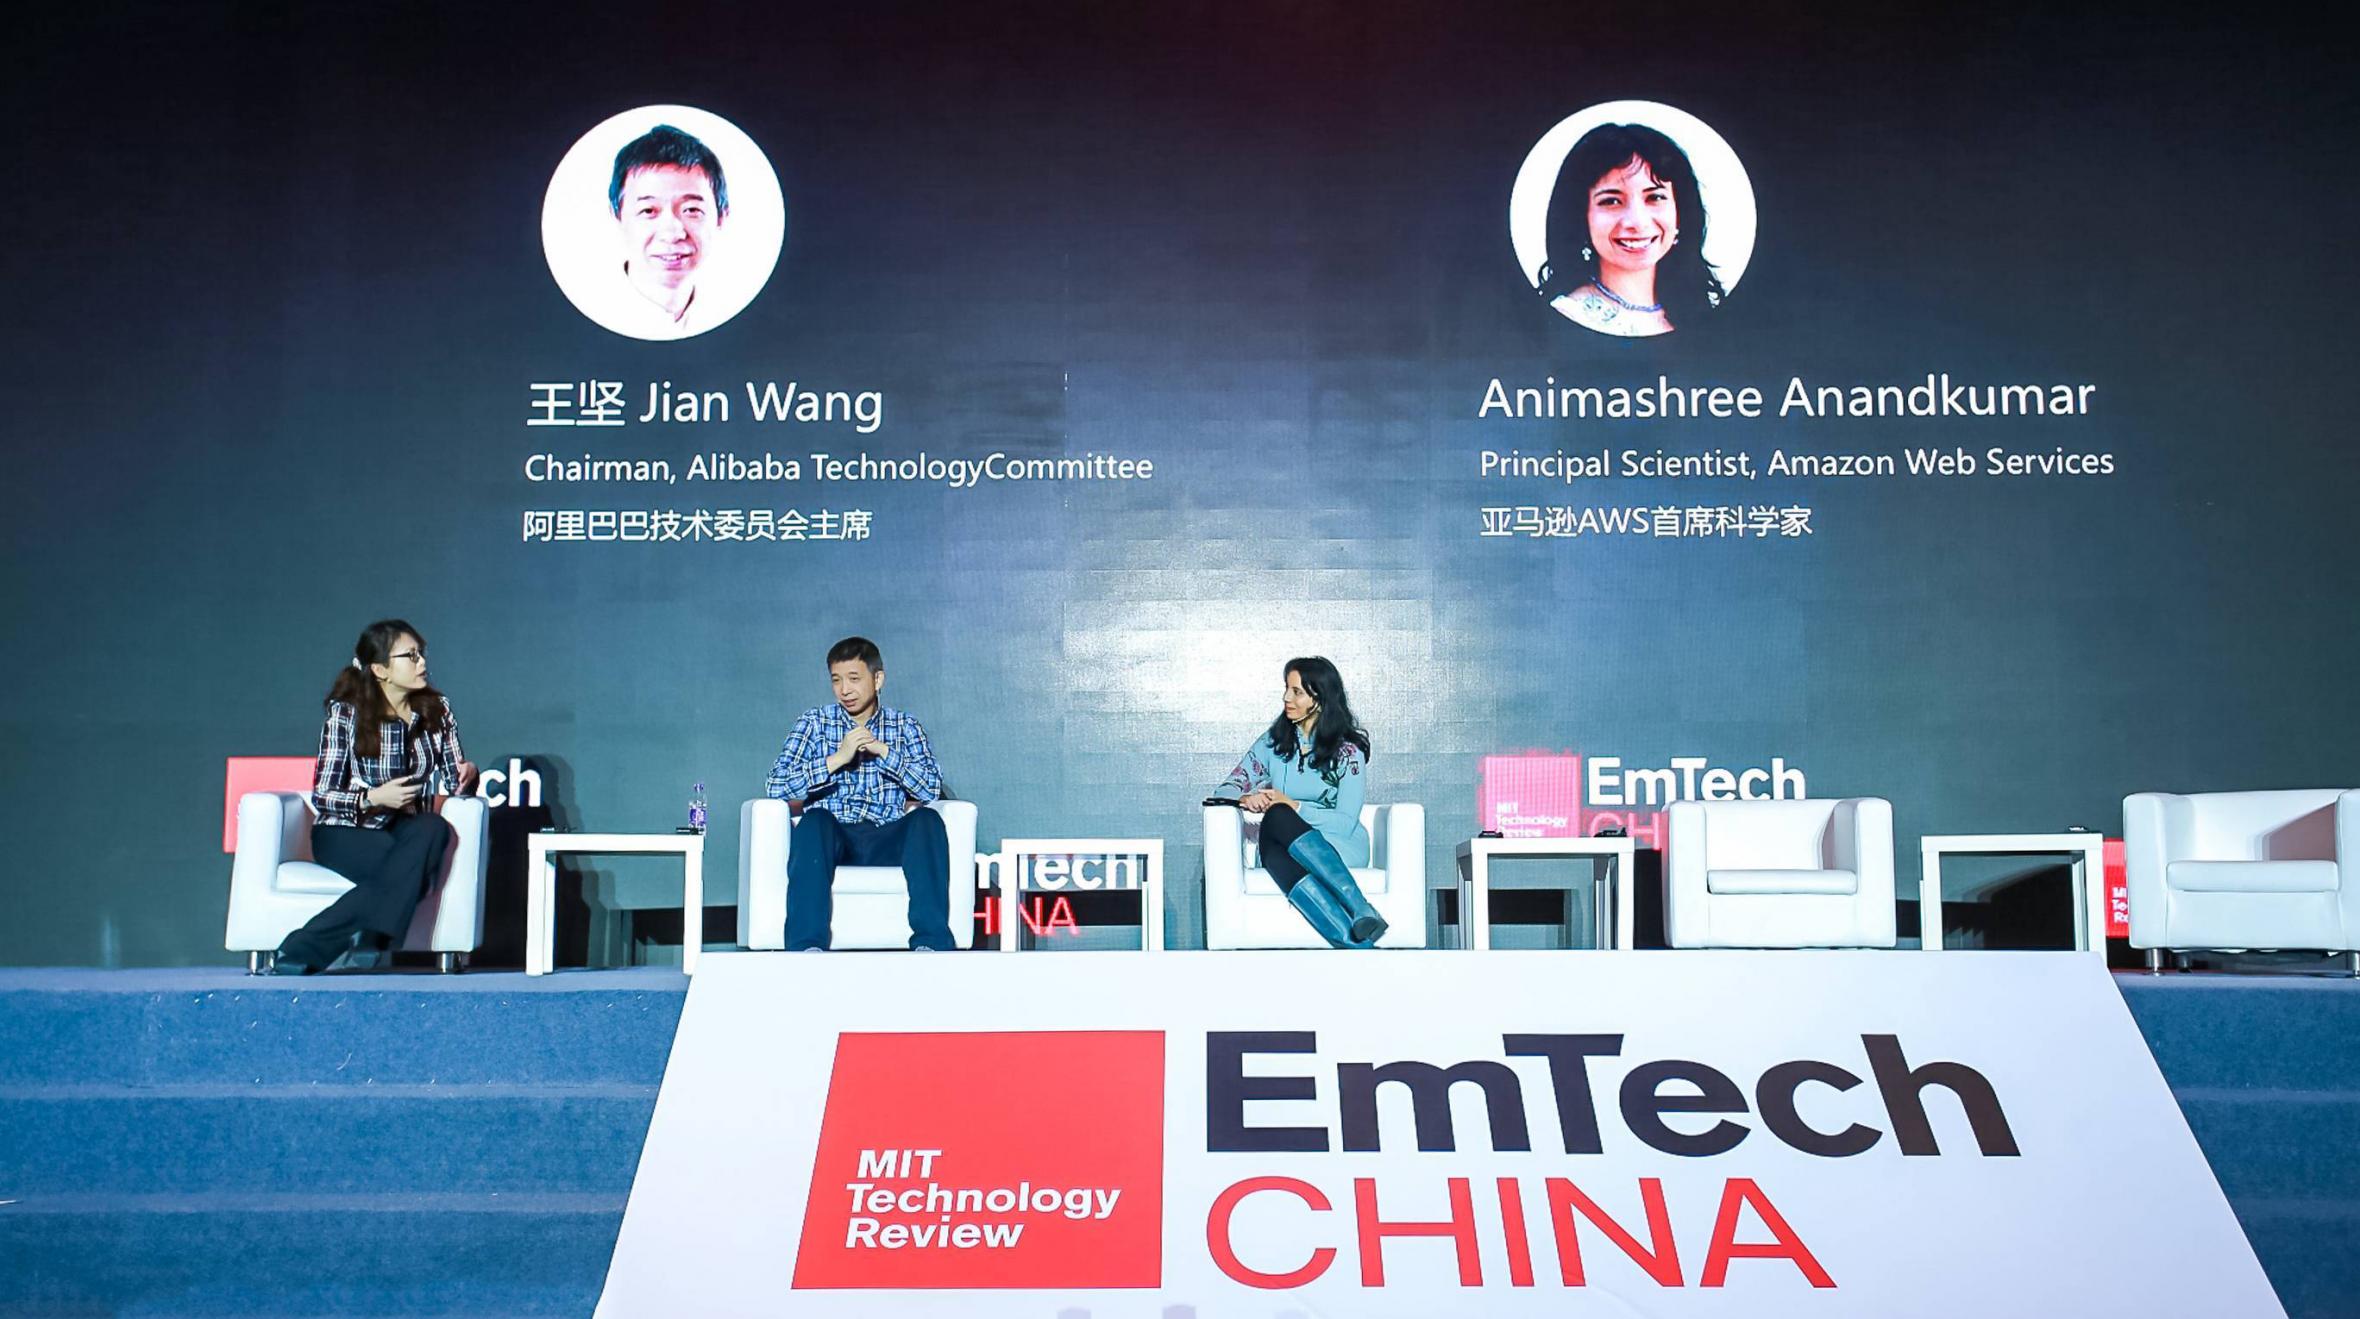 中国AI觉醒 阿里王坚:云智能将成为大趋势